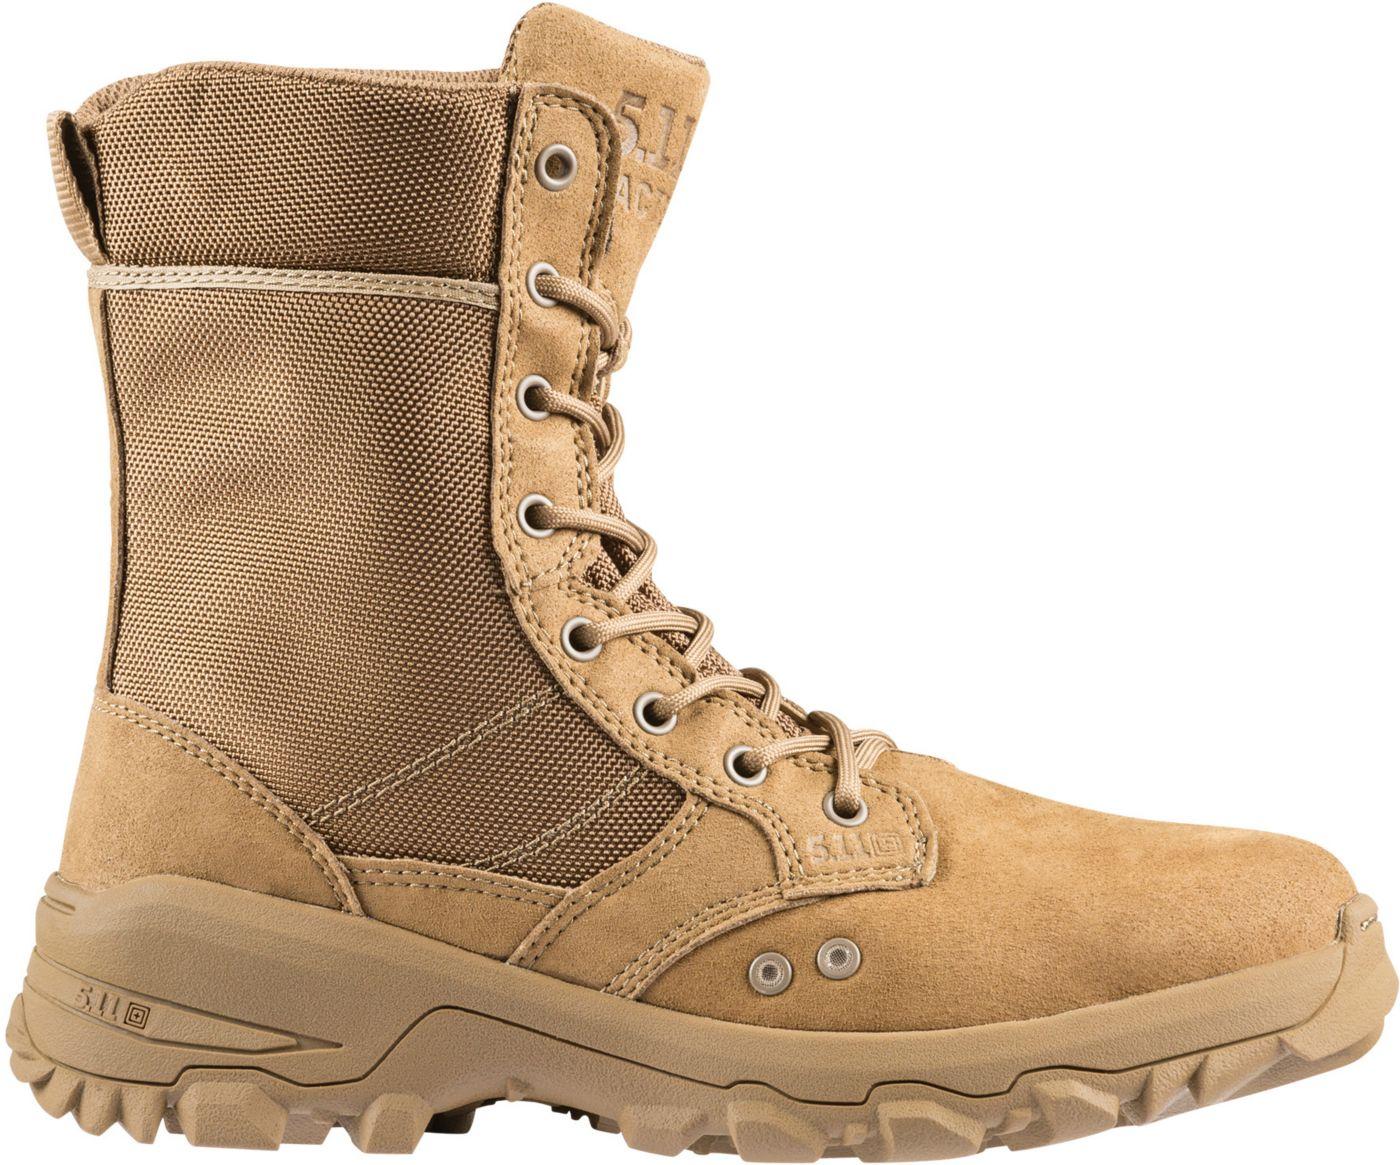 5.11 Tactical Men's Speed 3.0 Dark Coyote RapidDry Tactical Boots